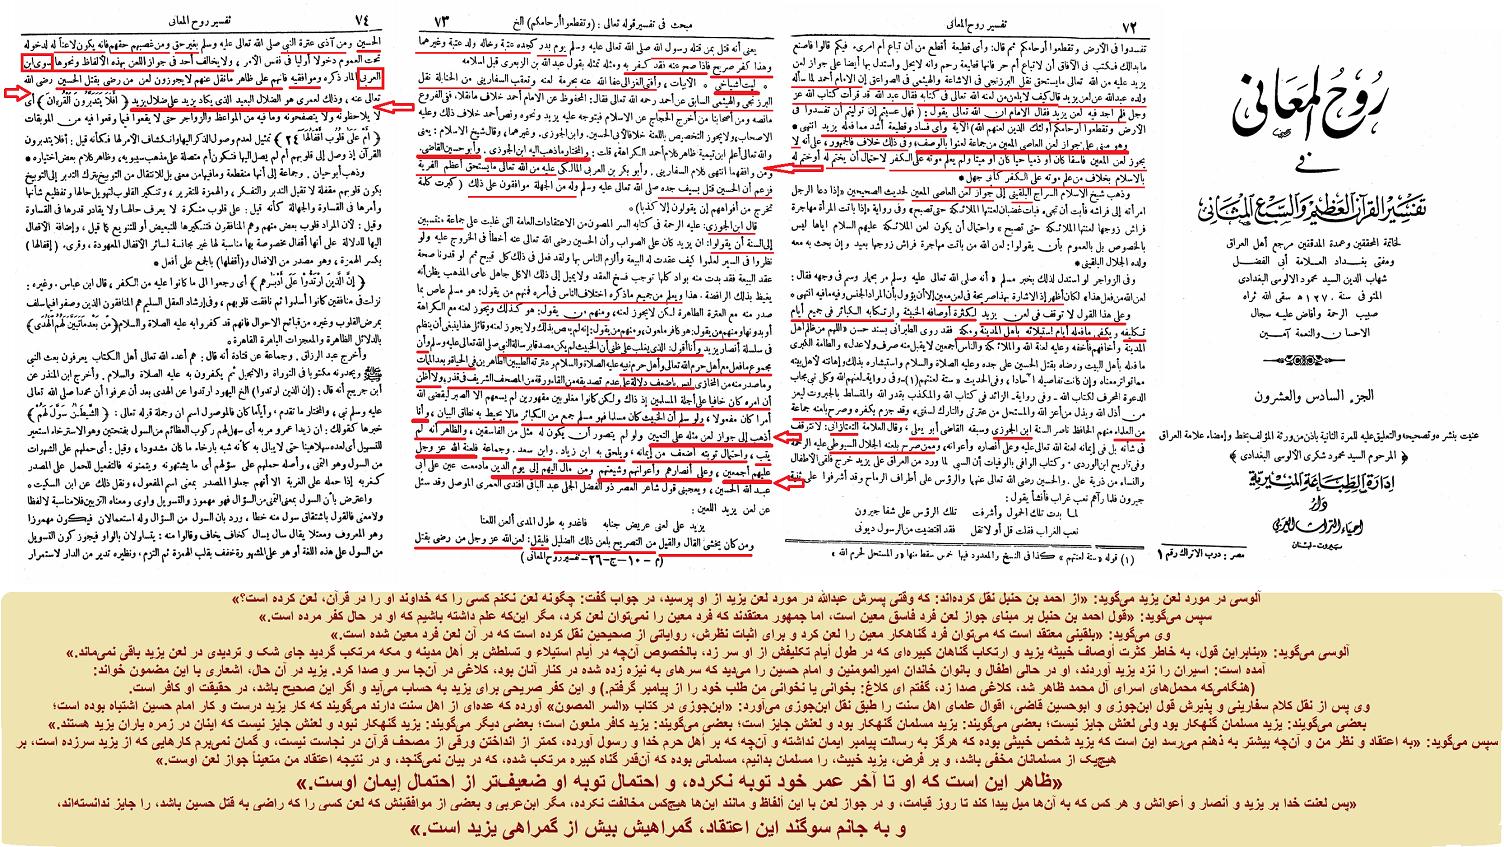 مخالفین لعنِ راضیانِ به قتل امام حسین، از یزید گمراهترند